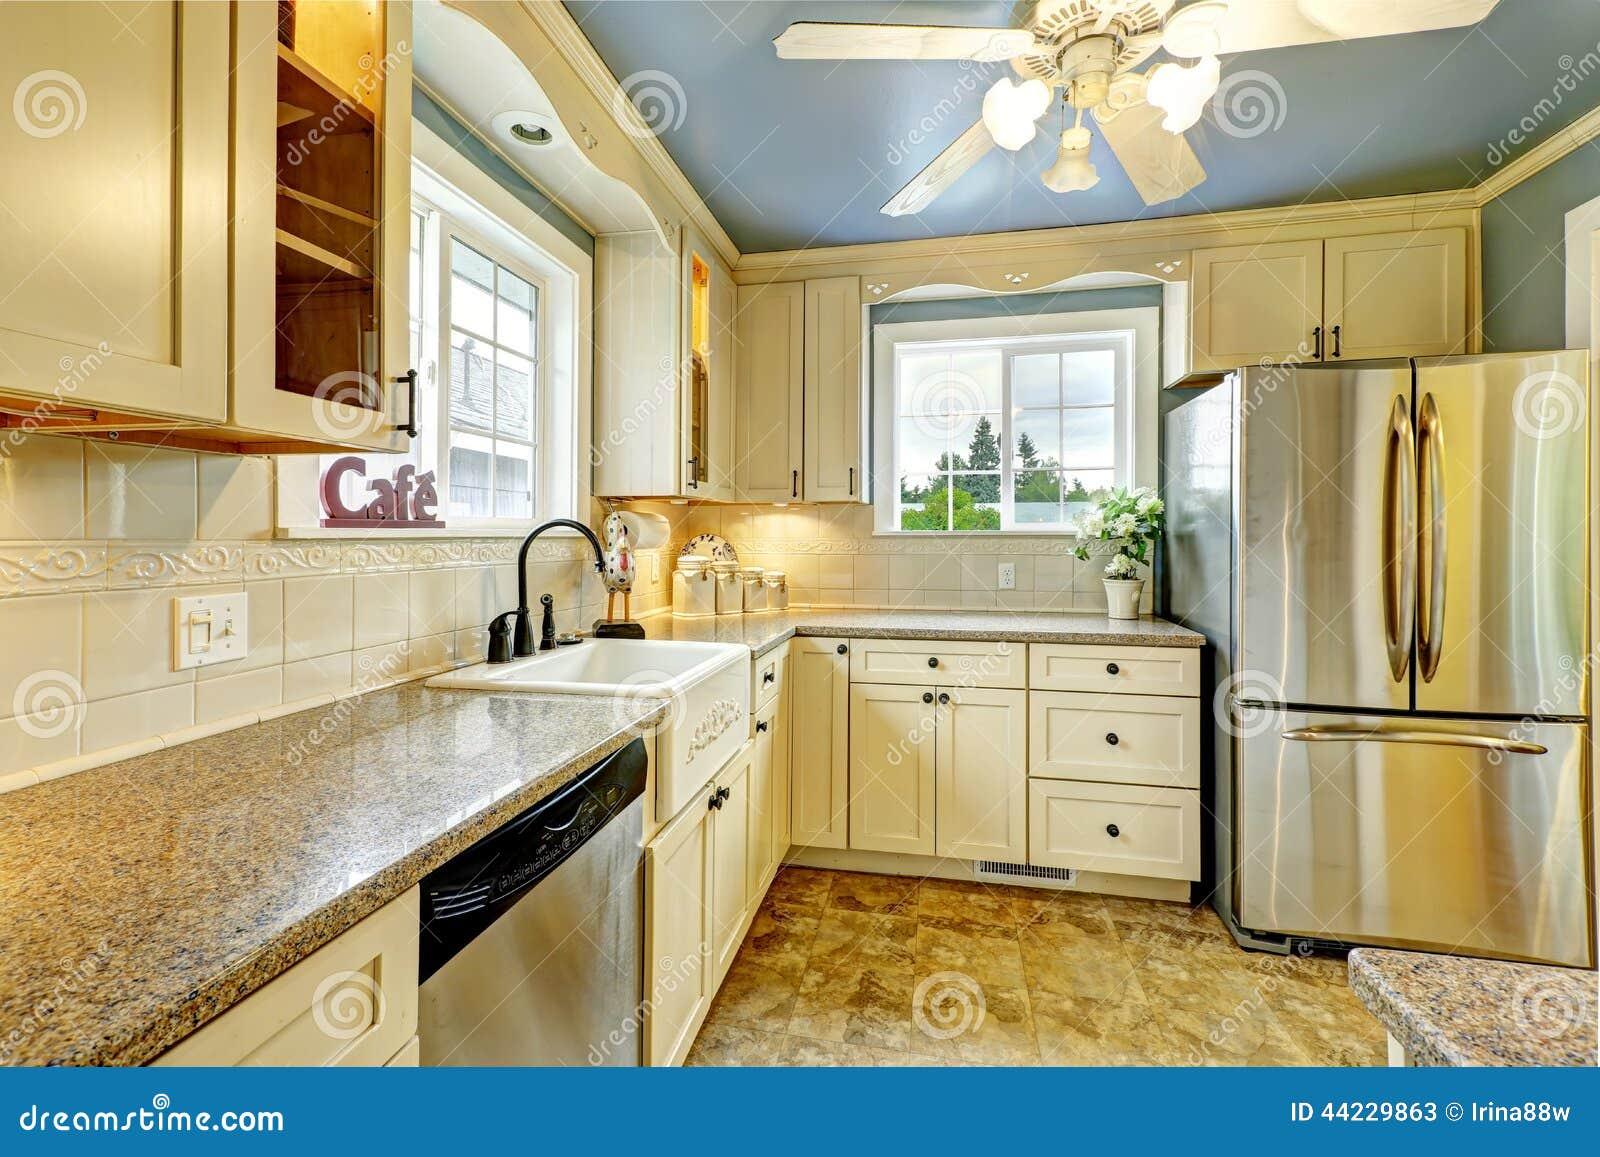 int rieur de pi ce de cuisine maison de campagne photo. Black Bedroom Furniture Sets. Home Design Ideas